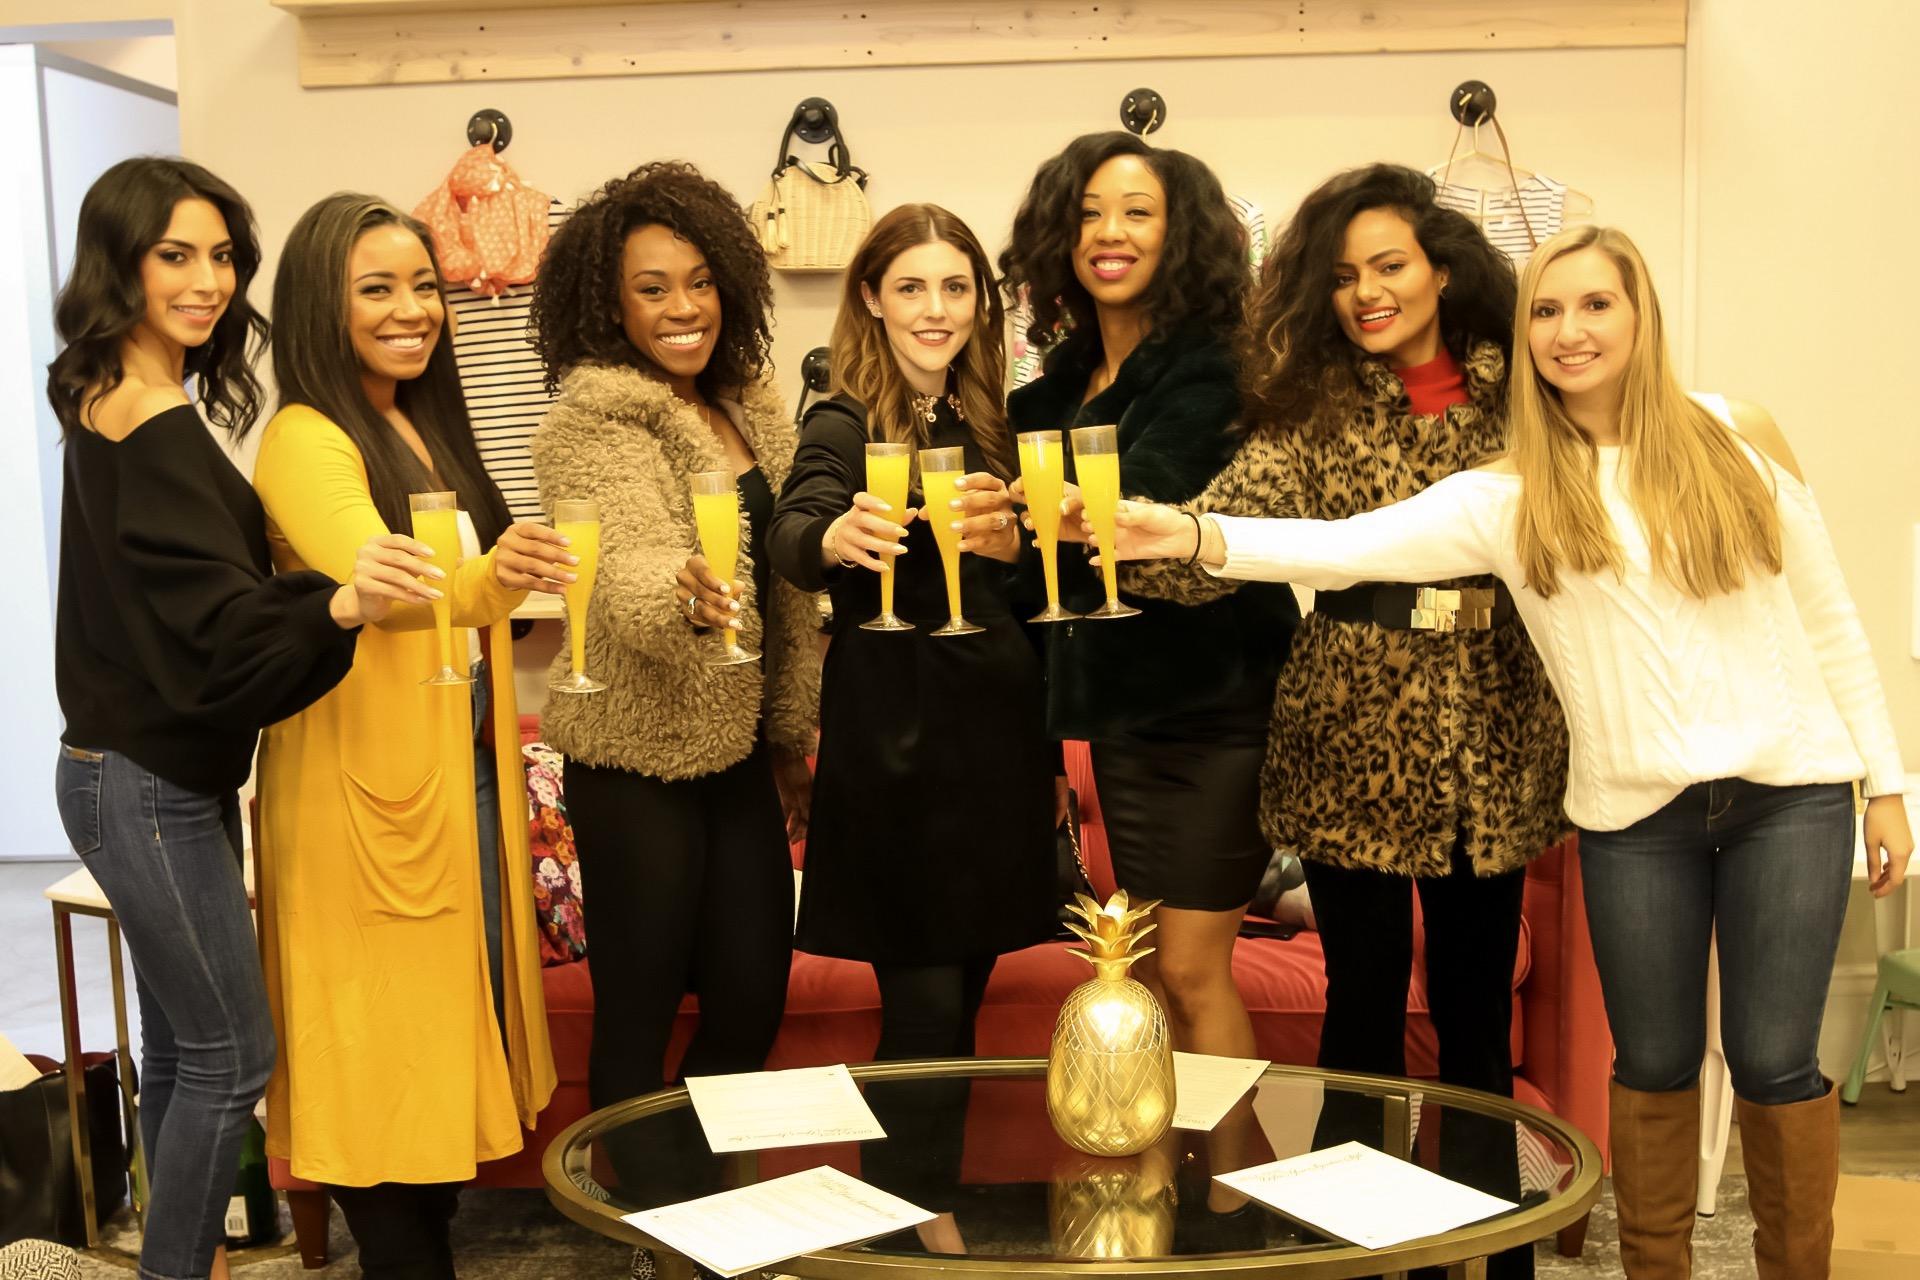 Pictured (L-R): Alejandra, Alexis, Danetha, Andrea, Vanita, Shalini, Lauren